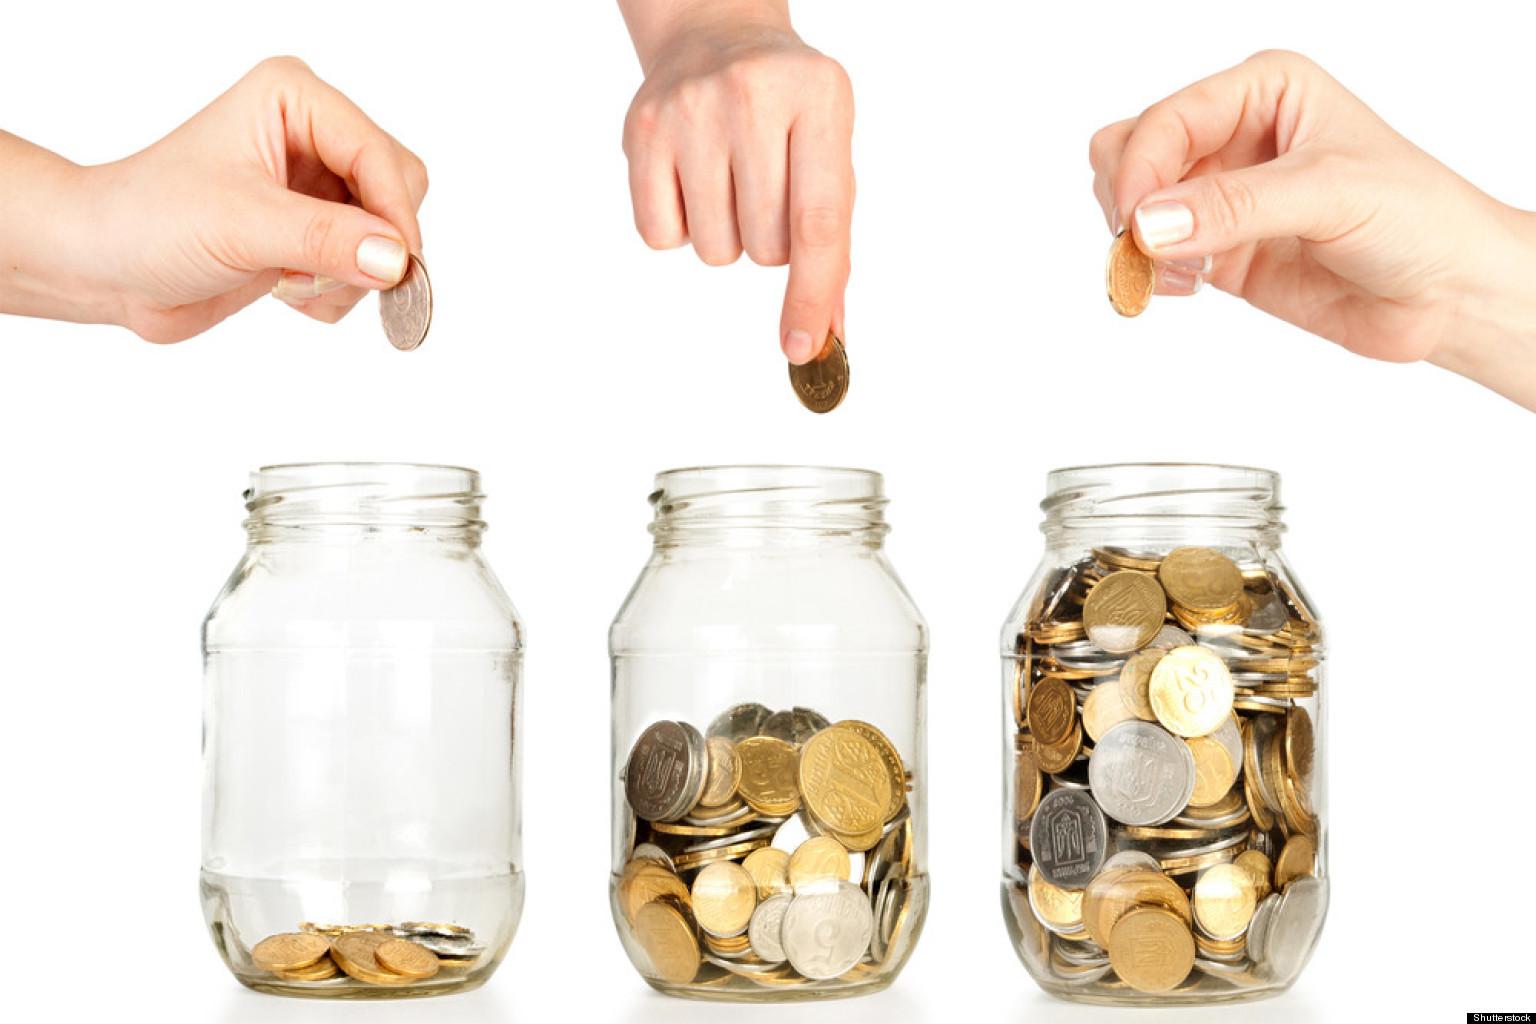 Ai sẽ bị phạt khi không góp đủ vốn đã cam kết vào công ty?